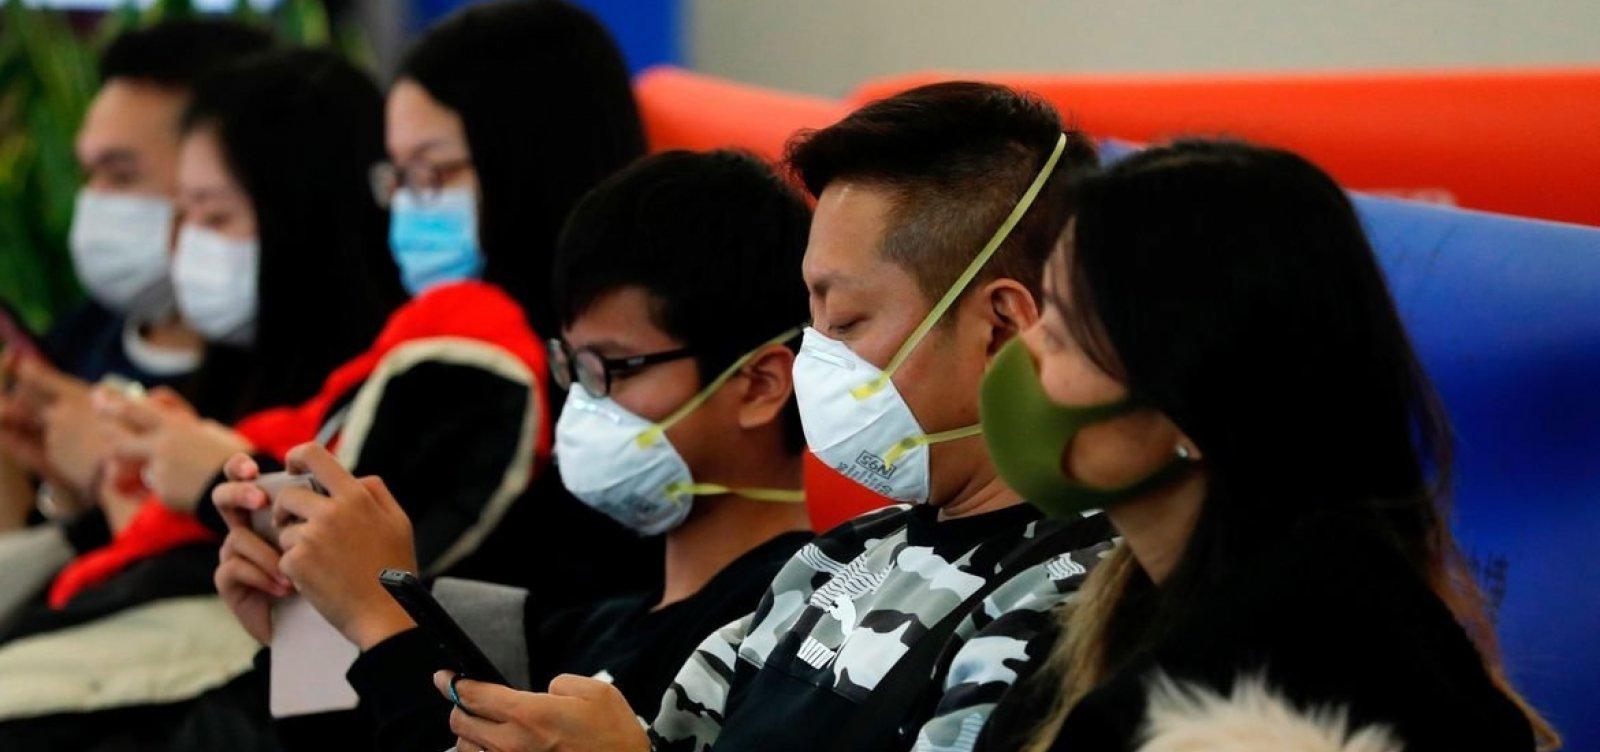 [Ministério da Saúde aponta 522 mortes e 30 mil casos de coronavírus nas últimas 24 horas]